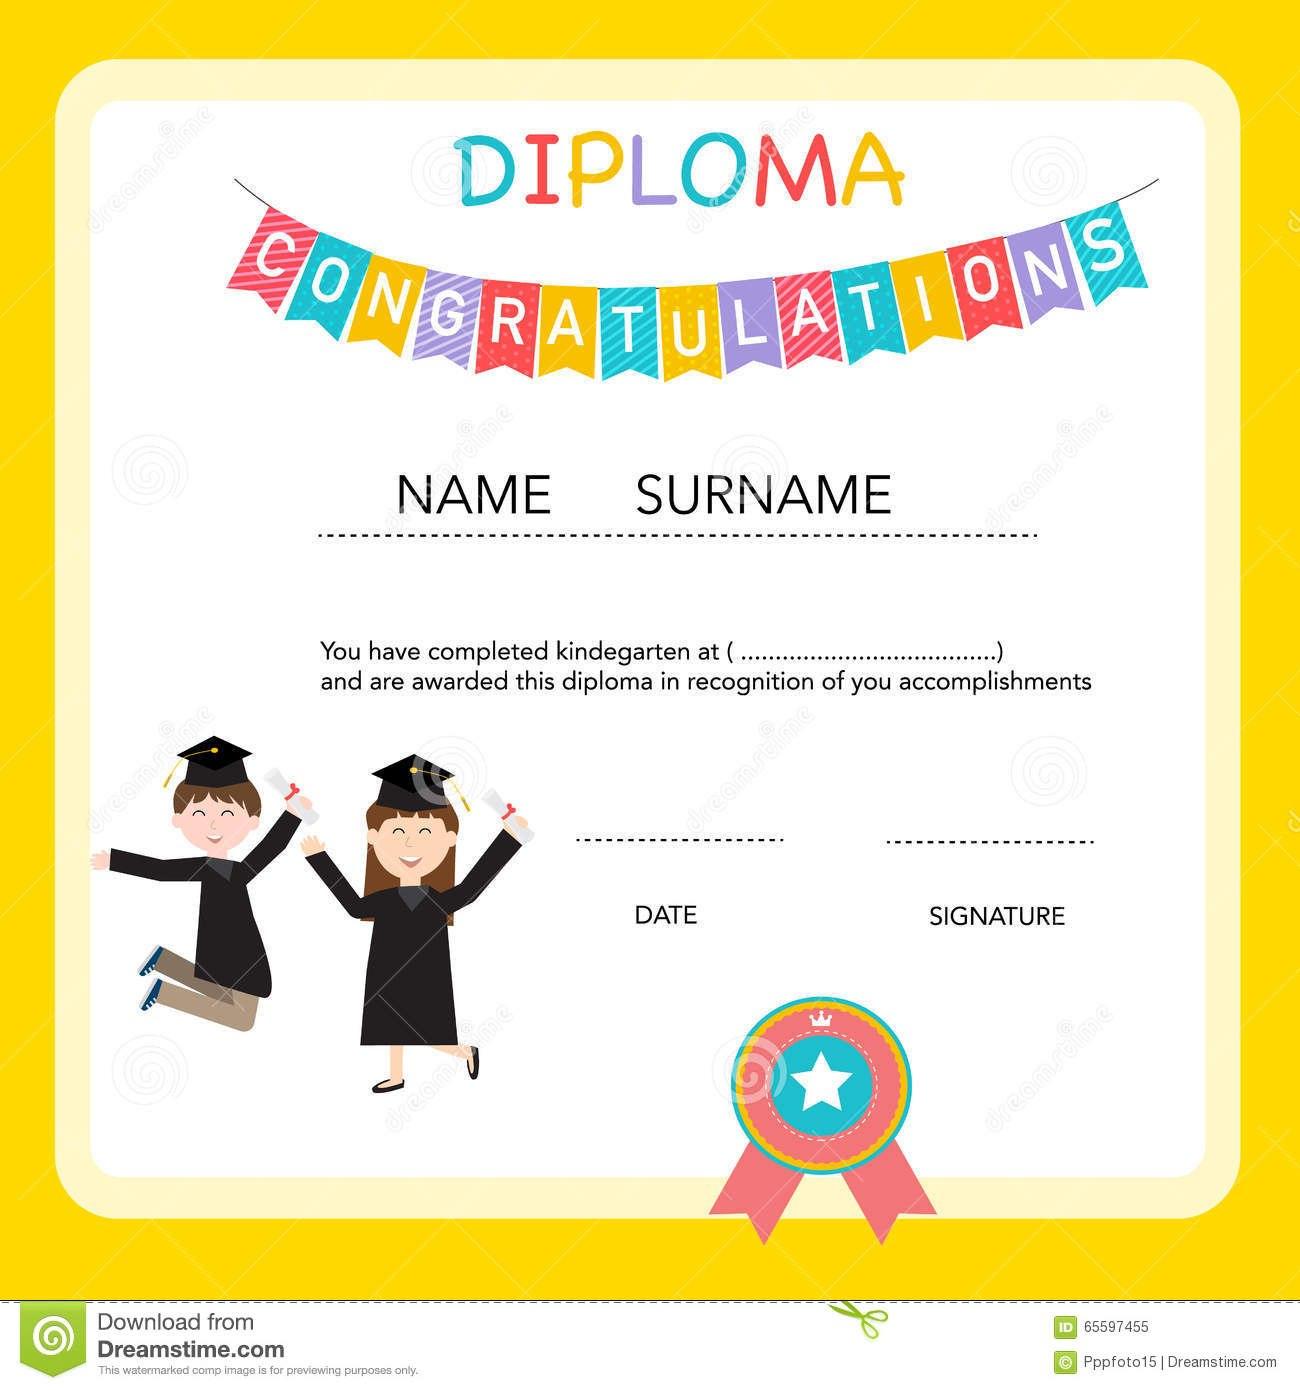 Certificate Of Kids Diploma Preschoolkindergarten Template Stock Regarding Preschool Graduation Certificate Template Free